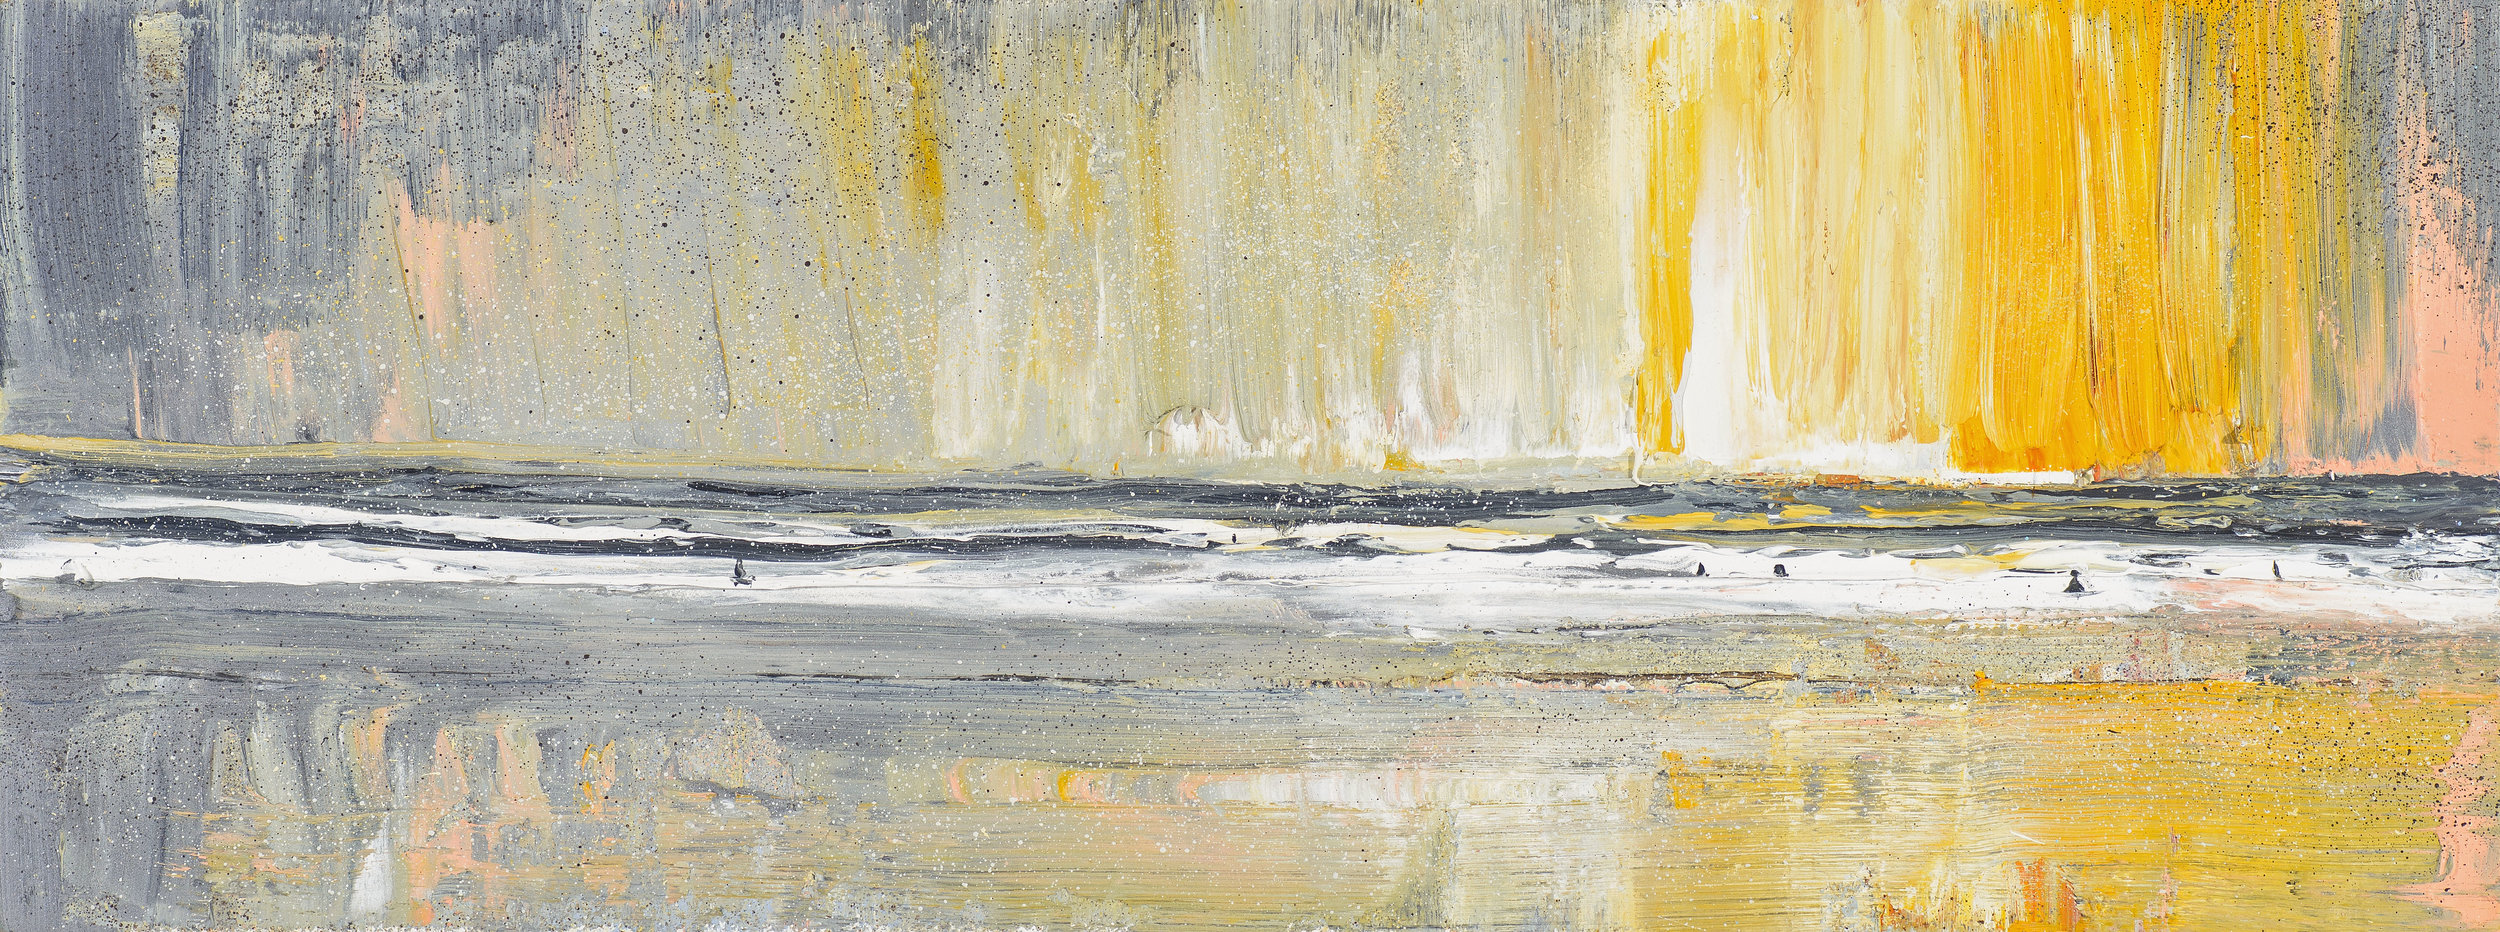 Jethro Jackson - paintings